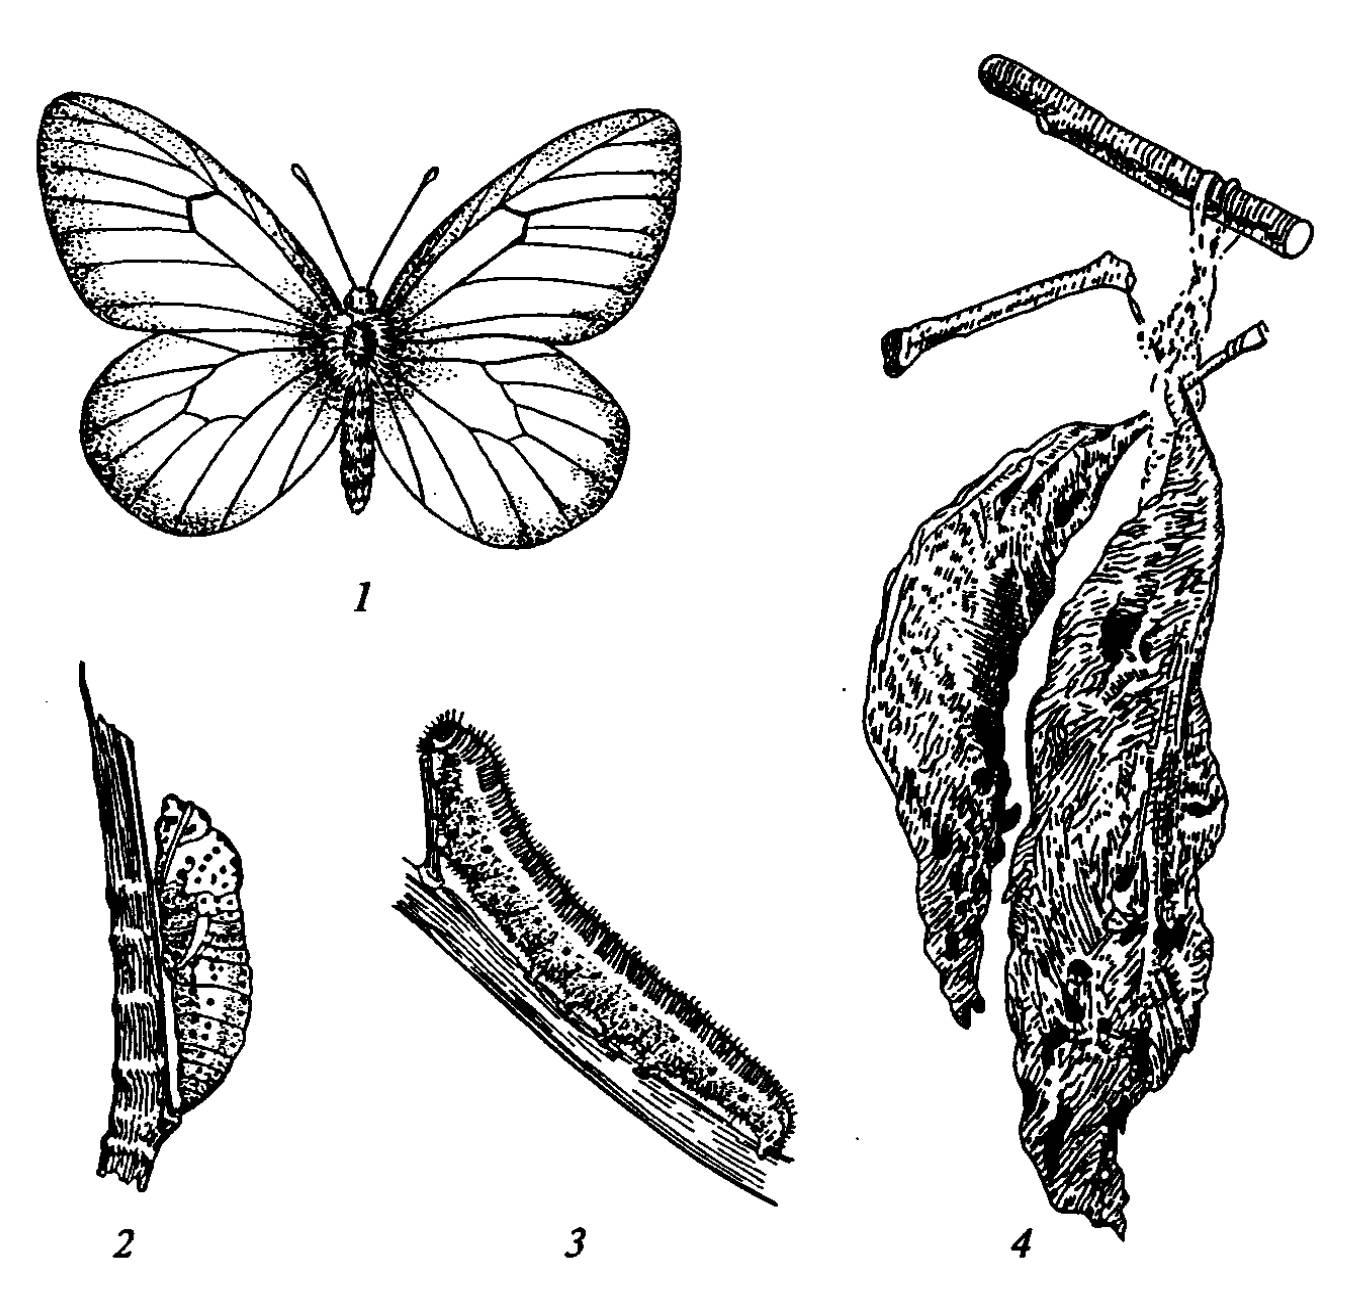 Насекомые-вредители сада и огорода: фото, названия, описание, защита растений эффективными способами